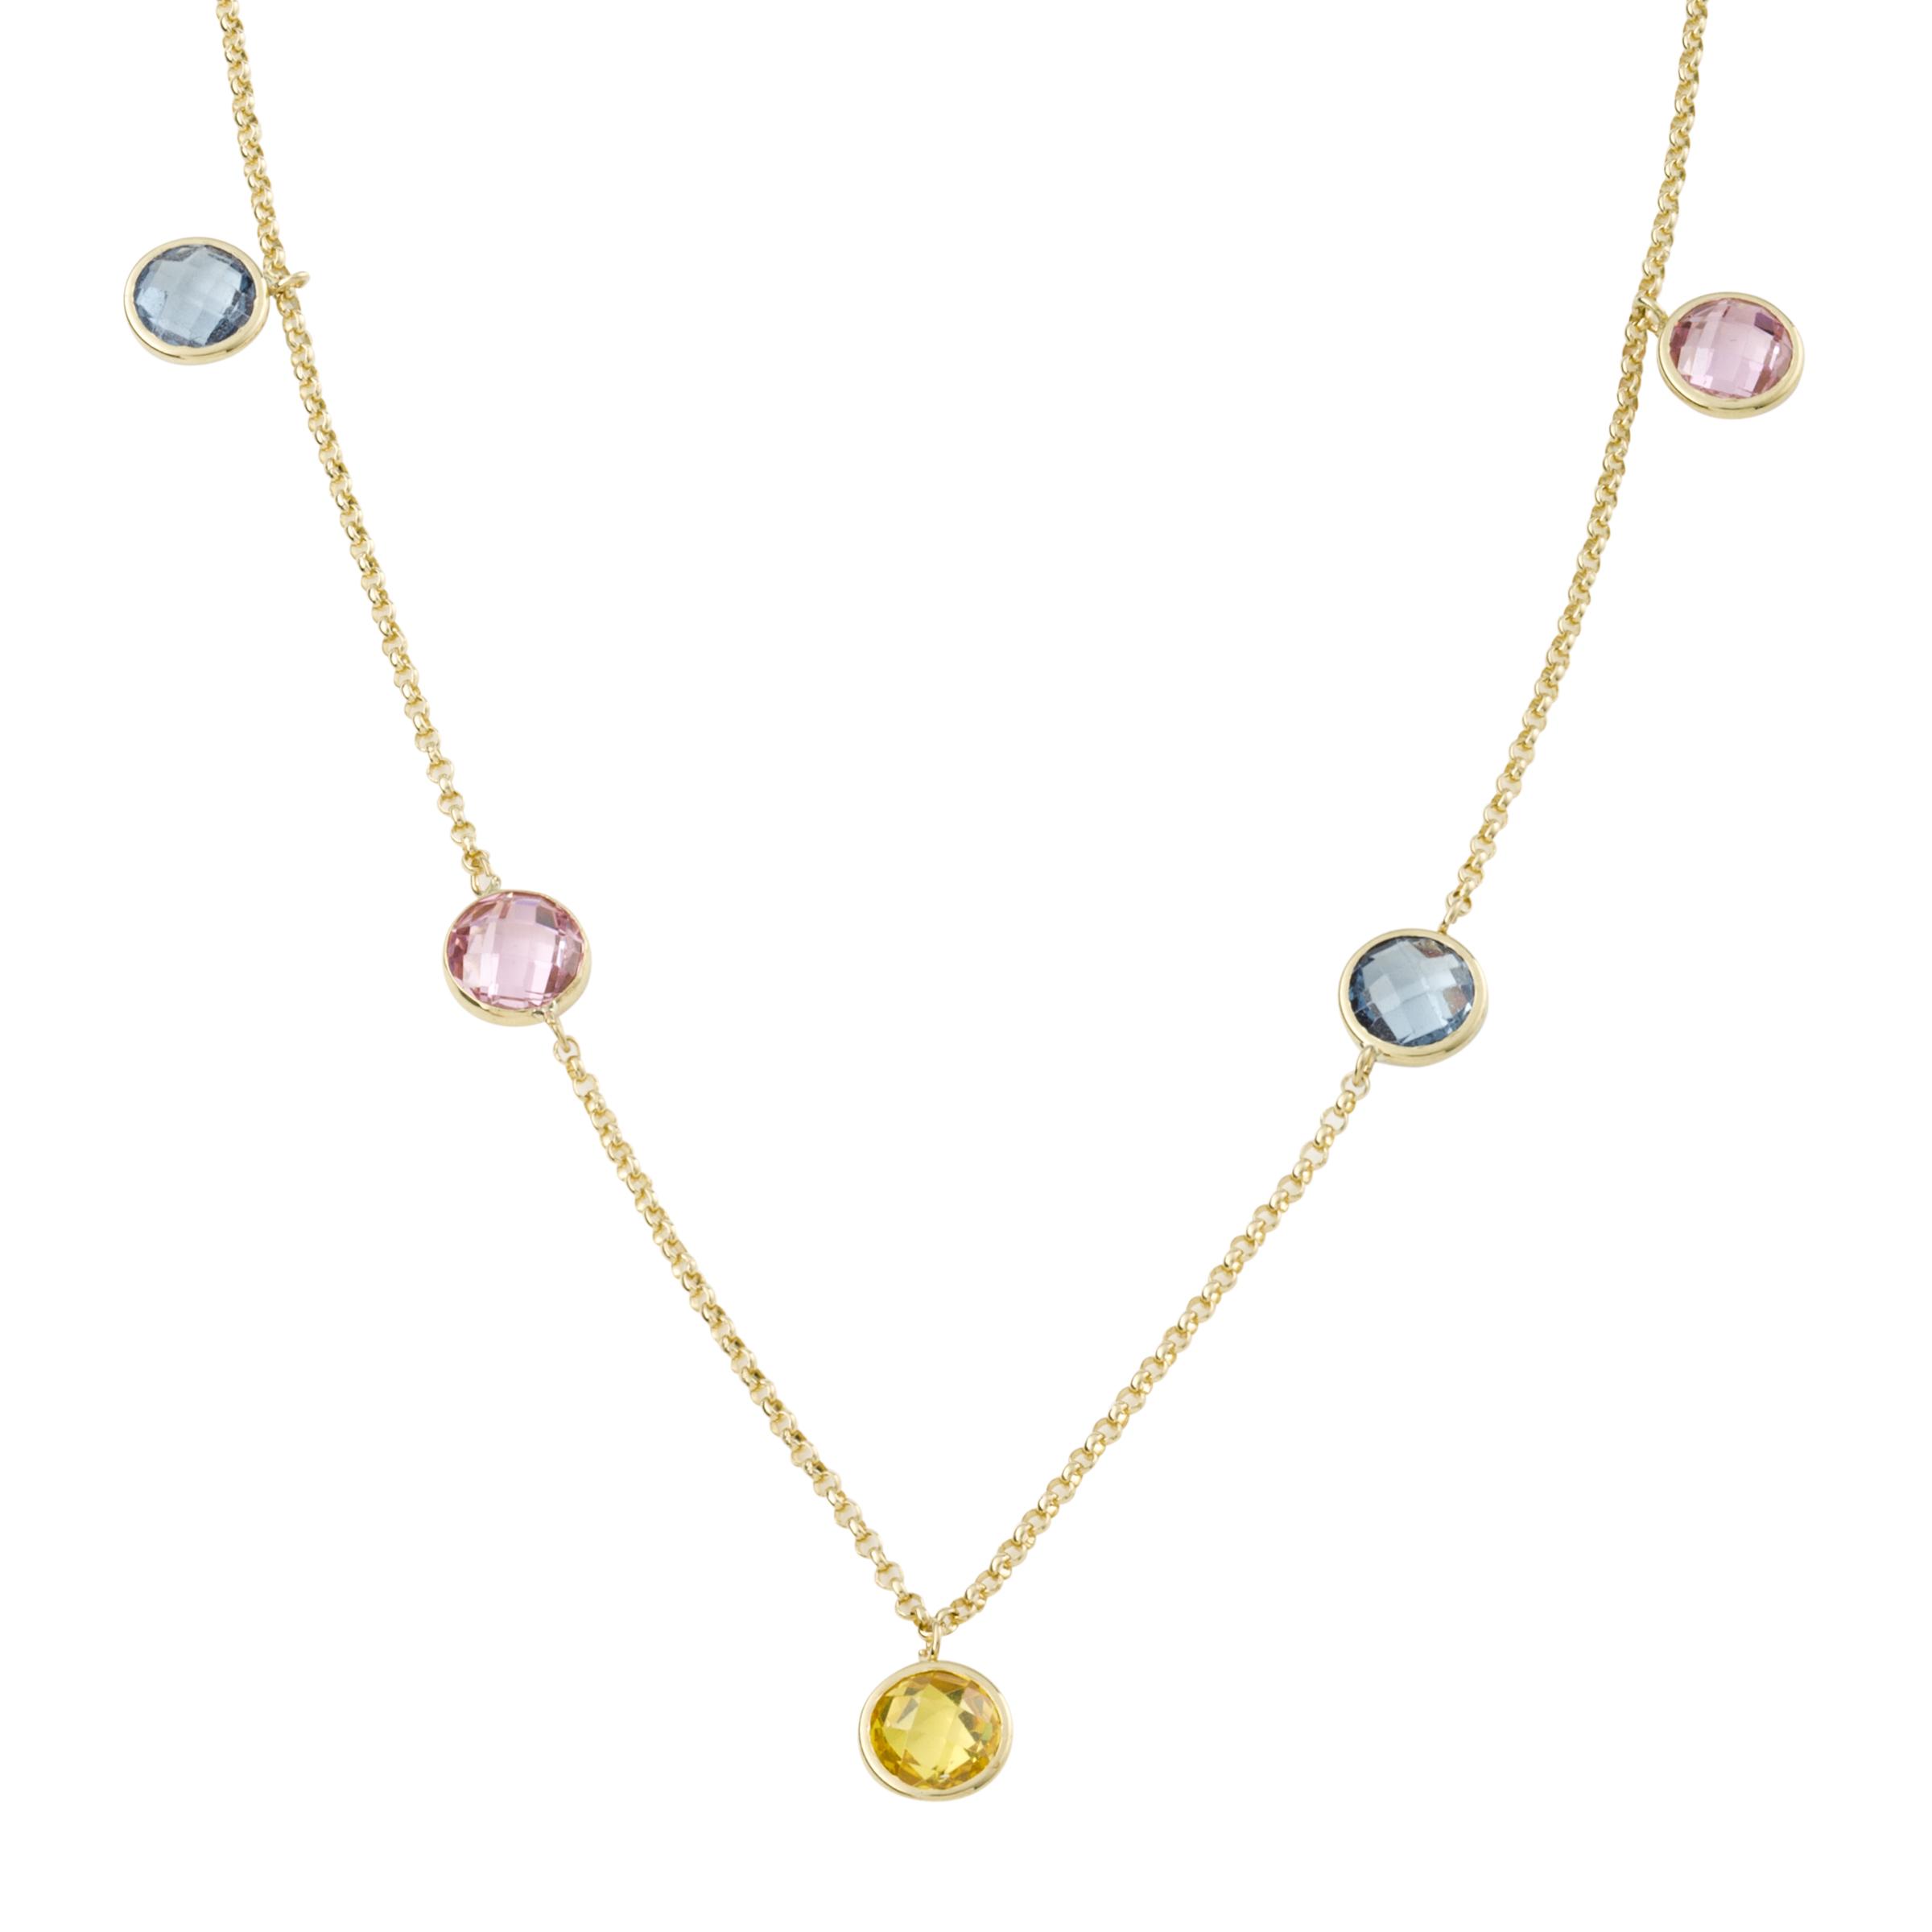 Collier für Damen, Gold 375, Zirkonia Multicolor